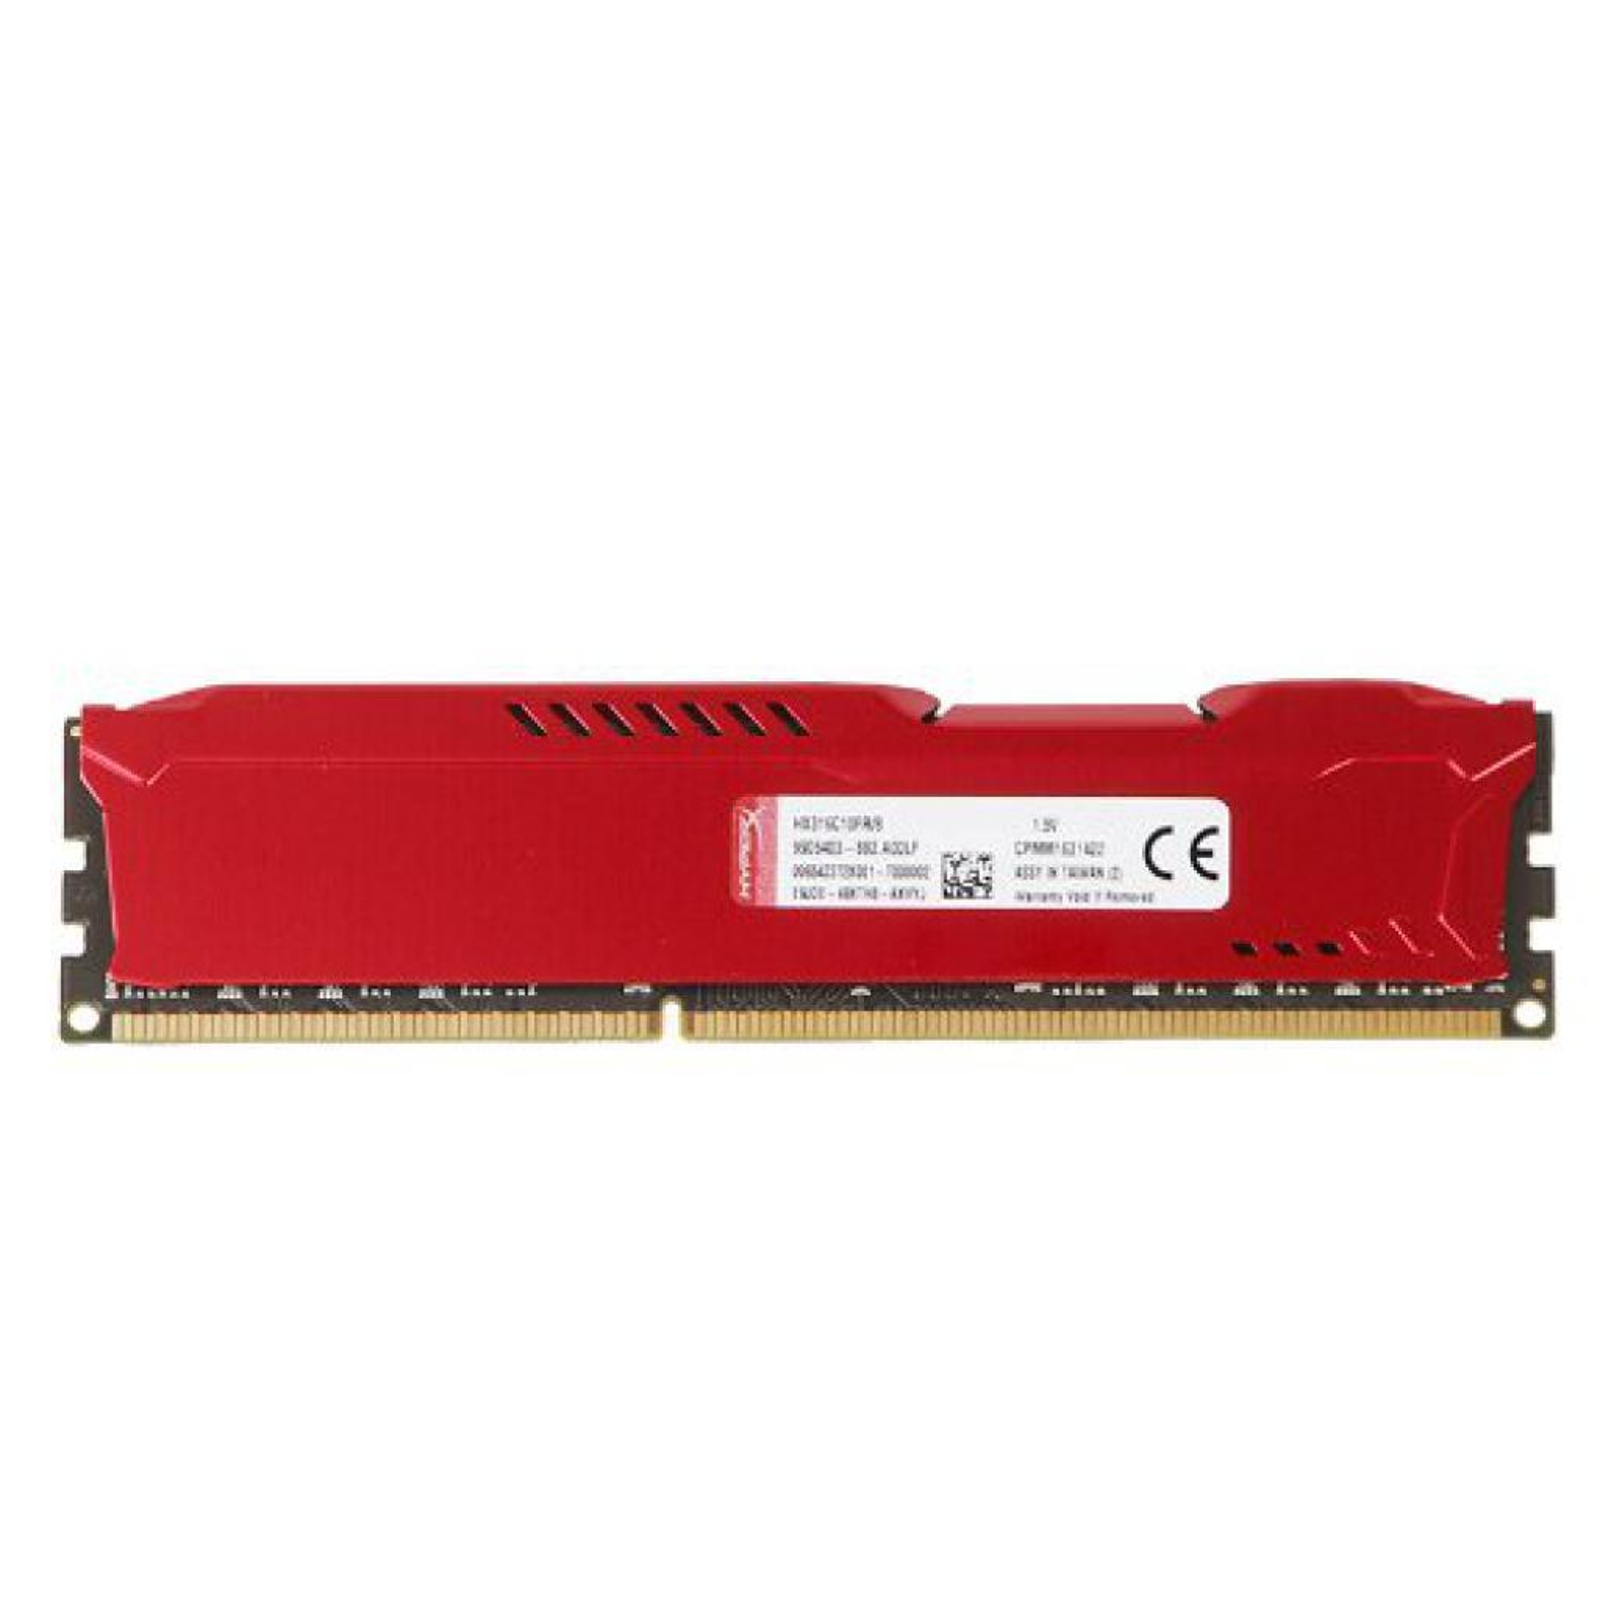 Модуль памяти для компьютера DDR4 8GB 2933 MHz HyperX FURY Red HyperX (Kingston Fury) (HX429C17FR2/8) изображение 4